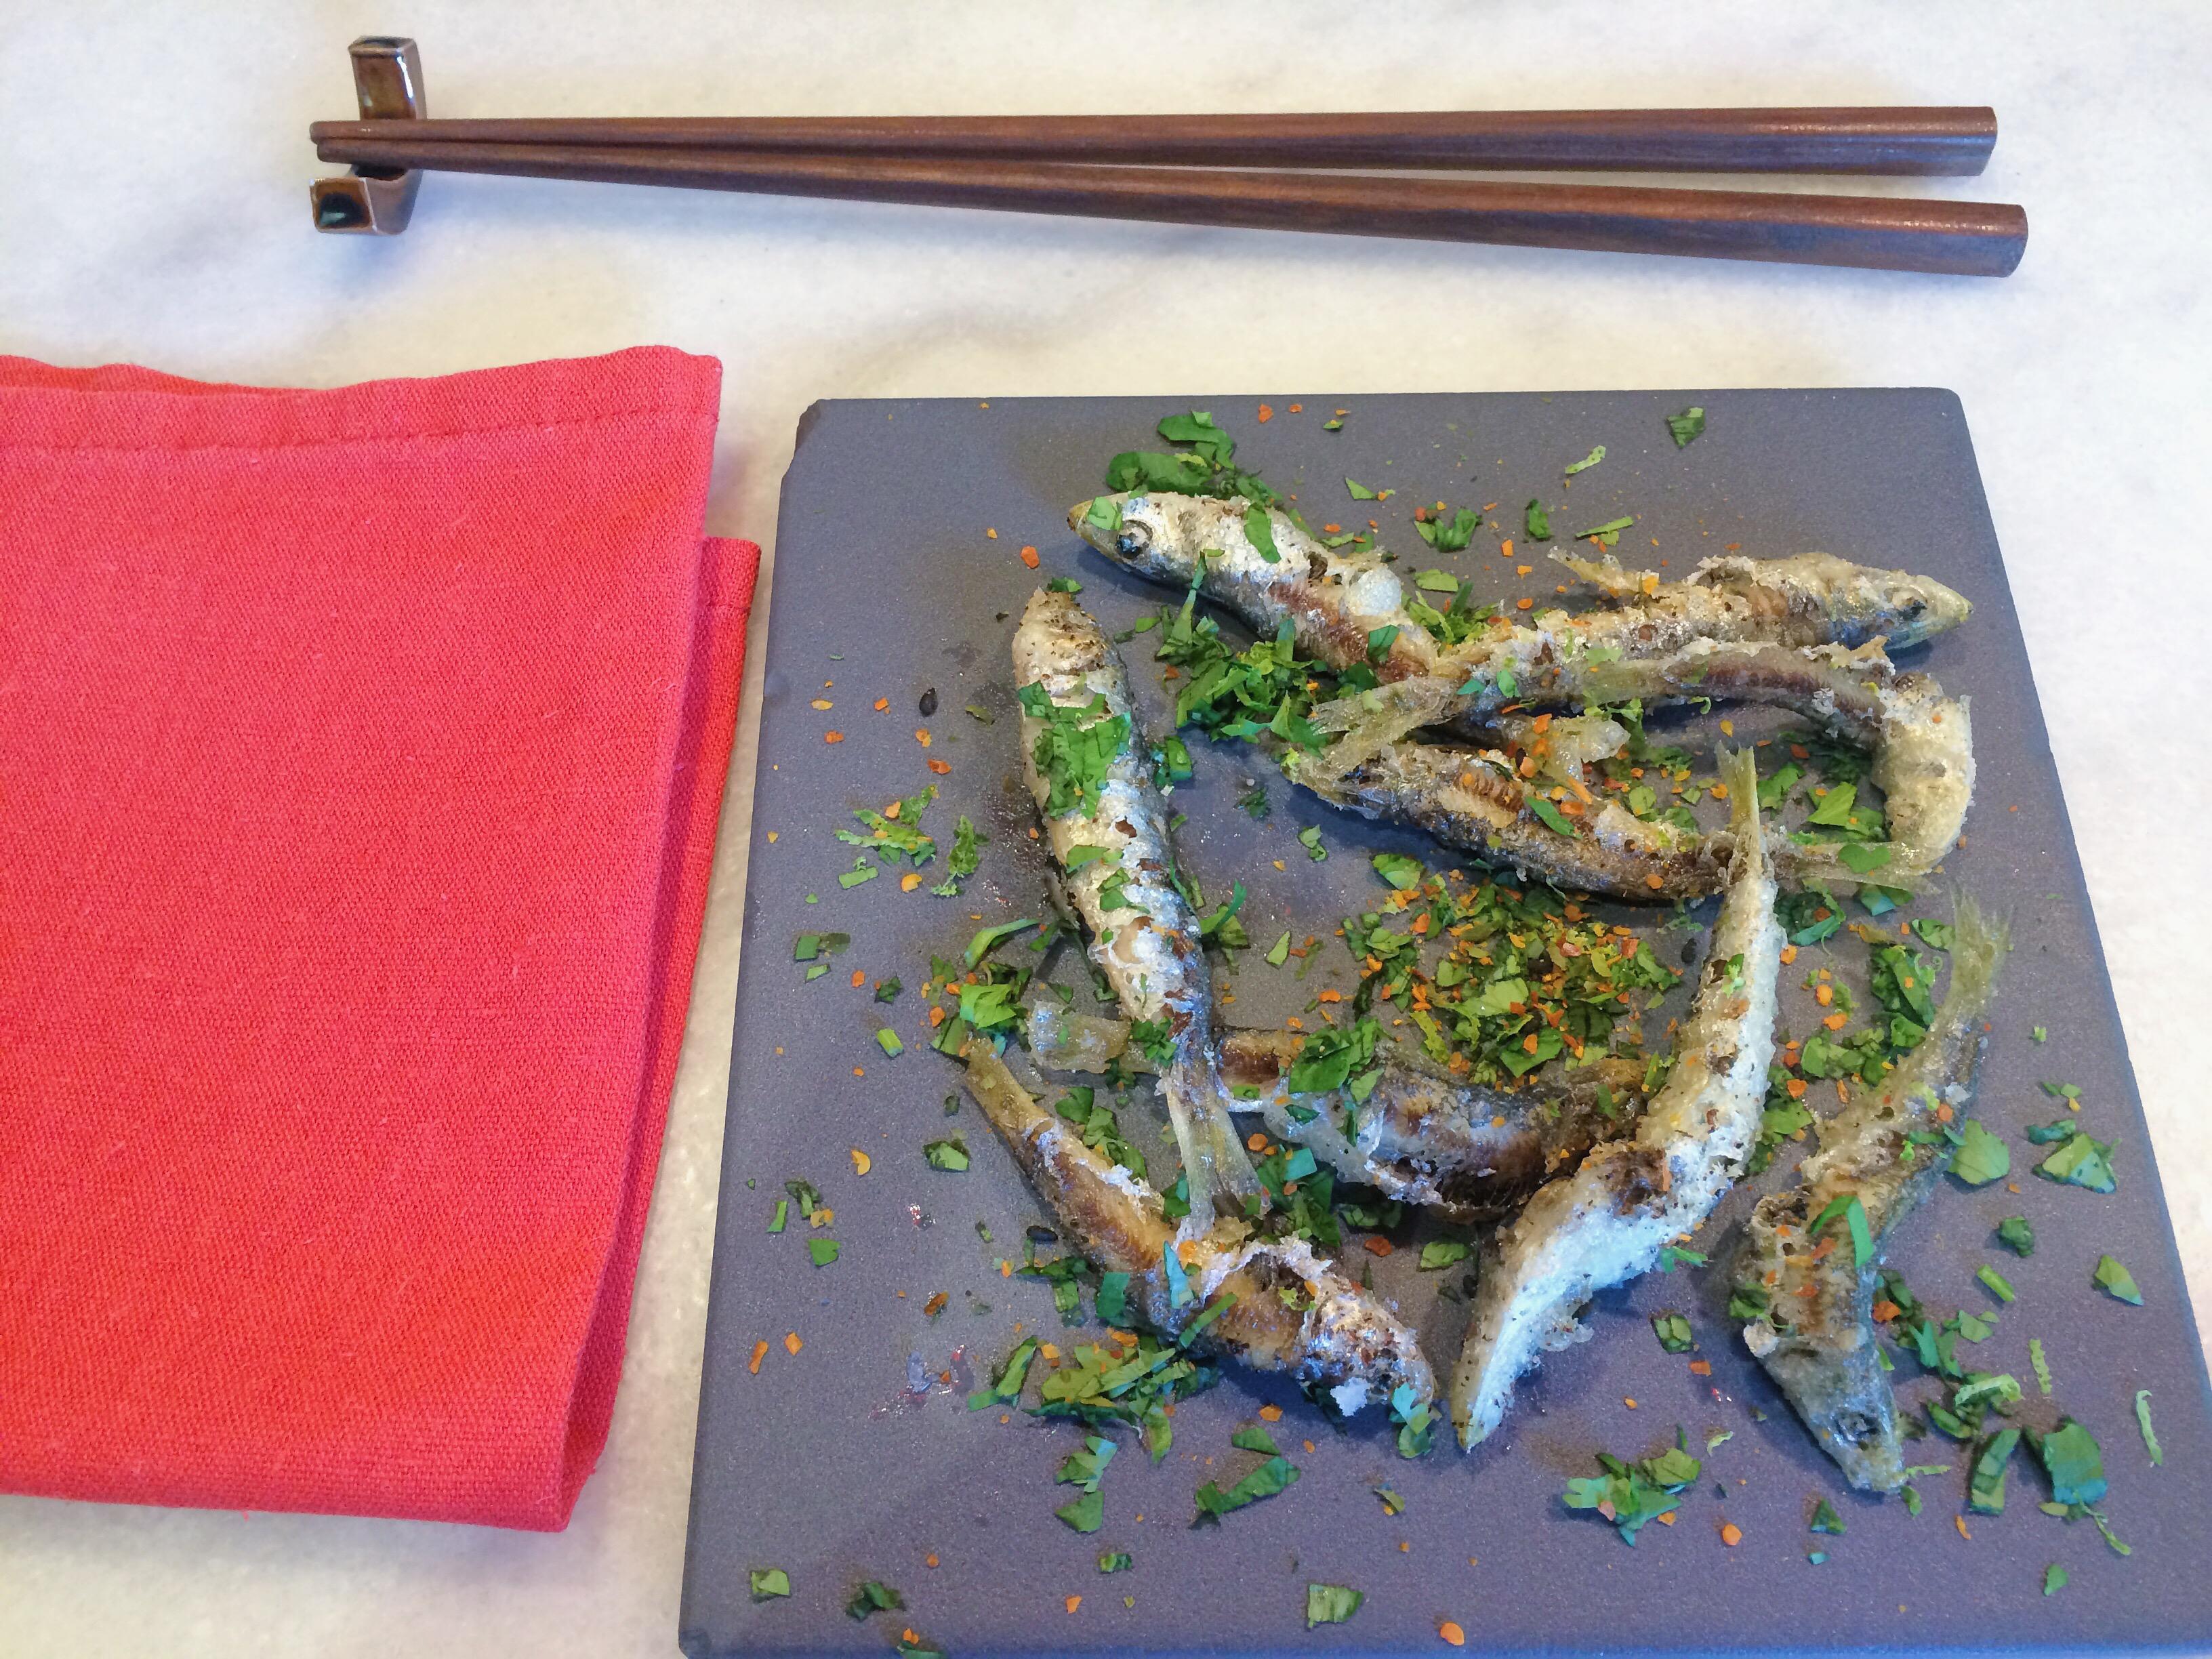 sardinas con menta, cilantro y cayena, dos palillos